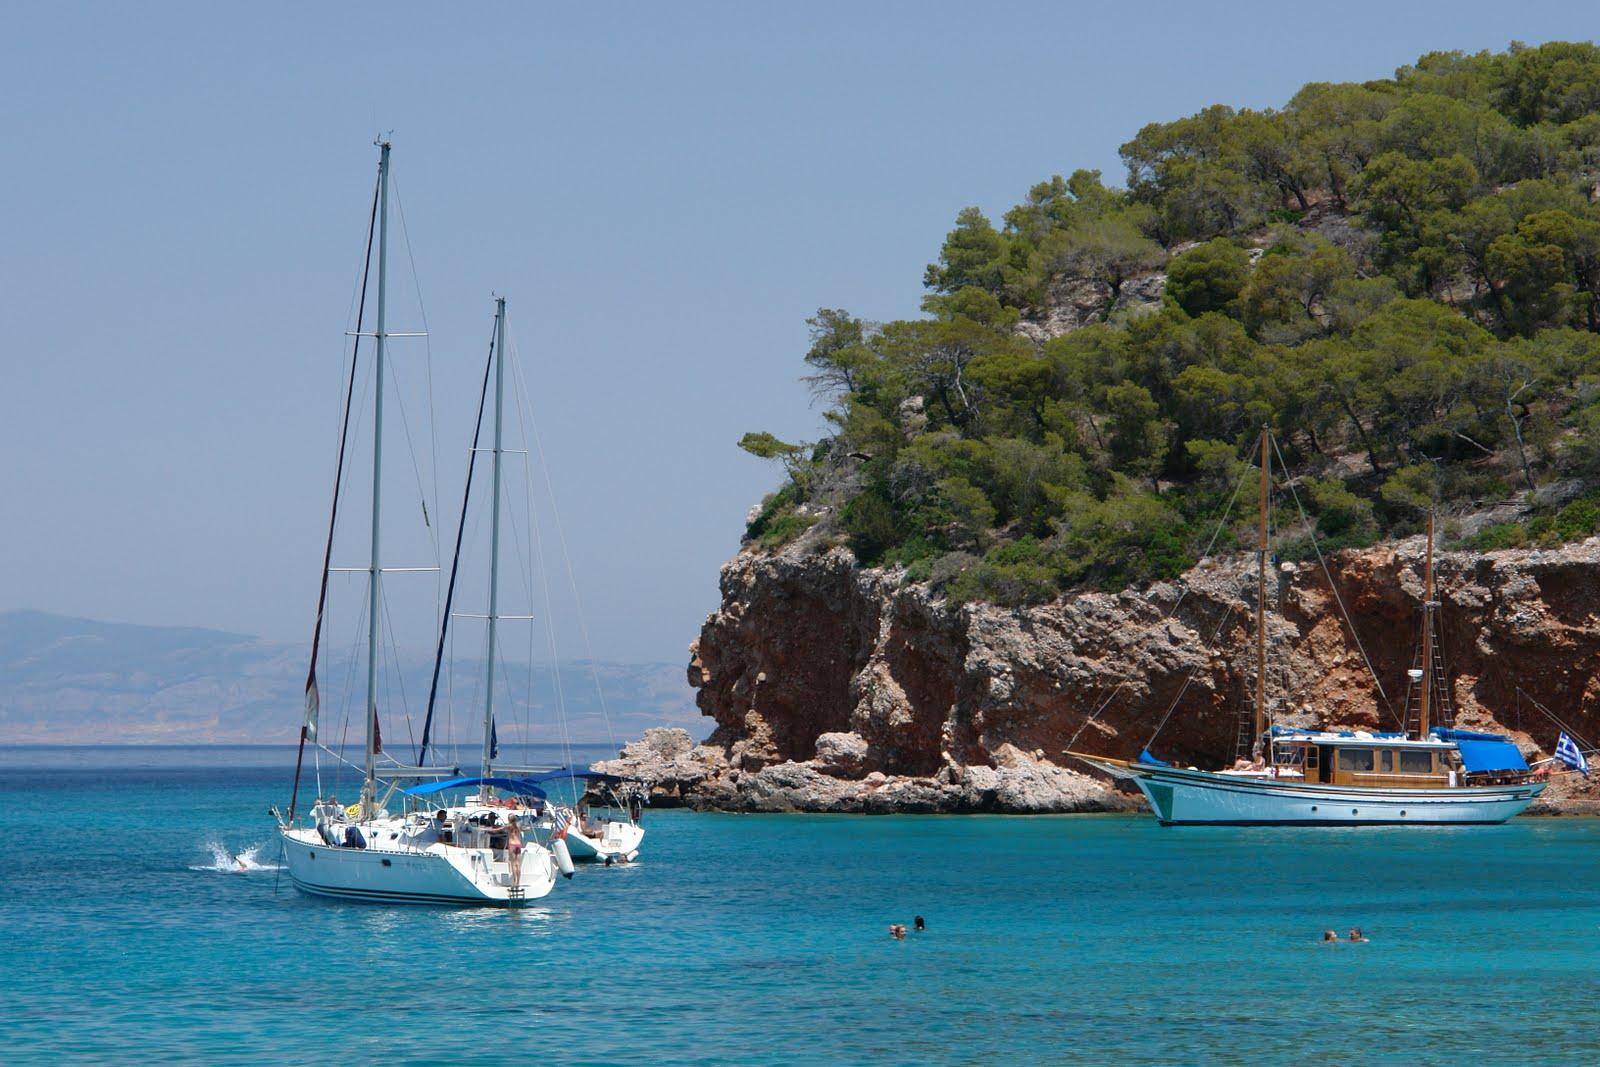 La grecia angistri grecia mare viaggi vacanze for Grecia vacanze